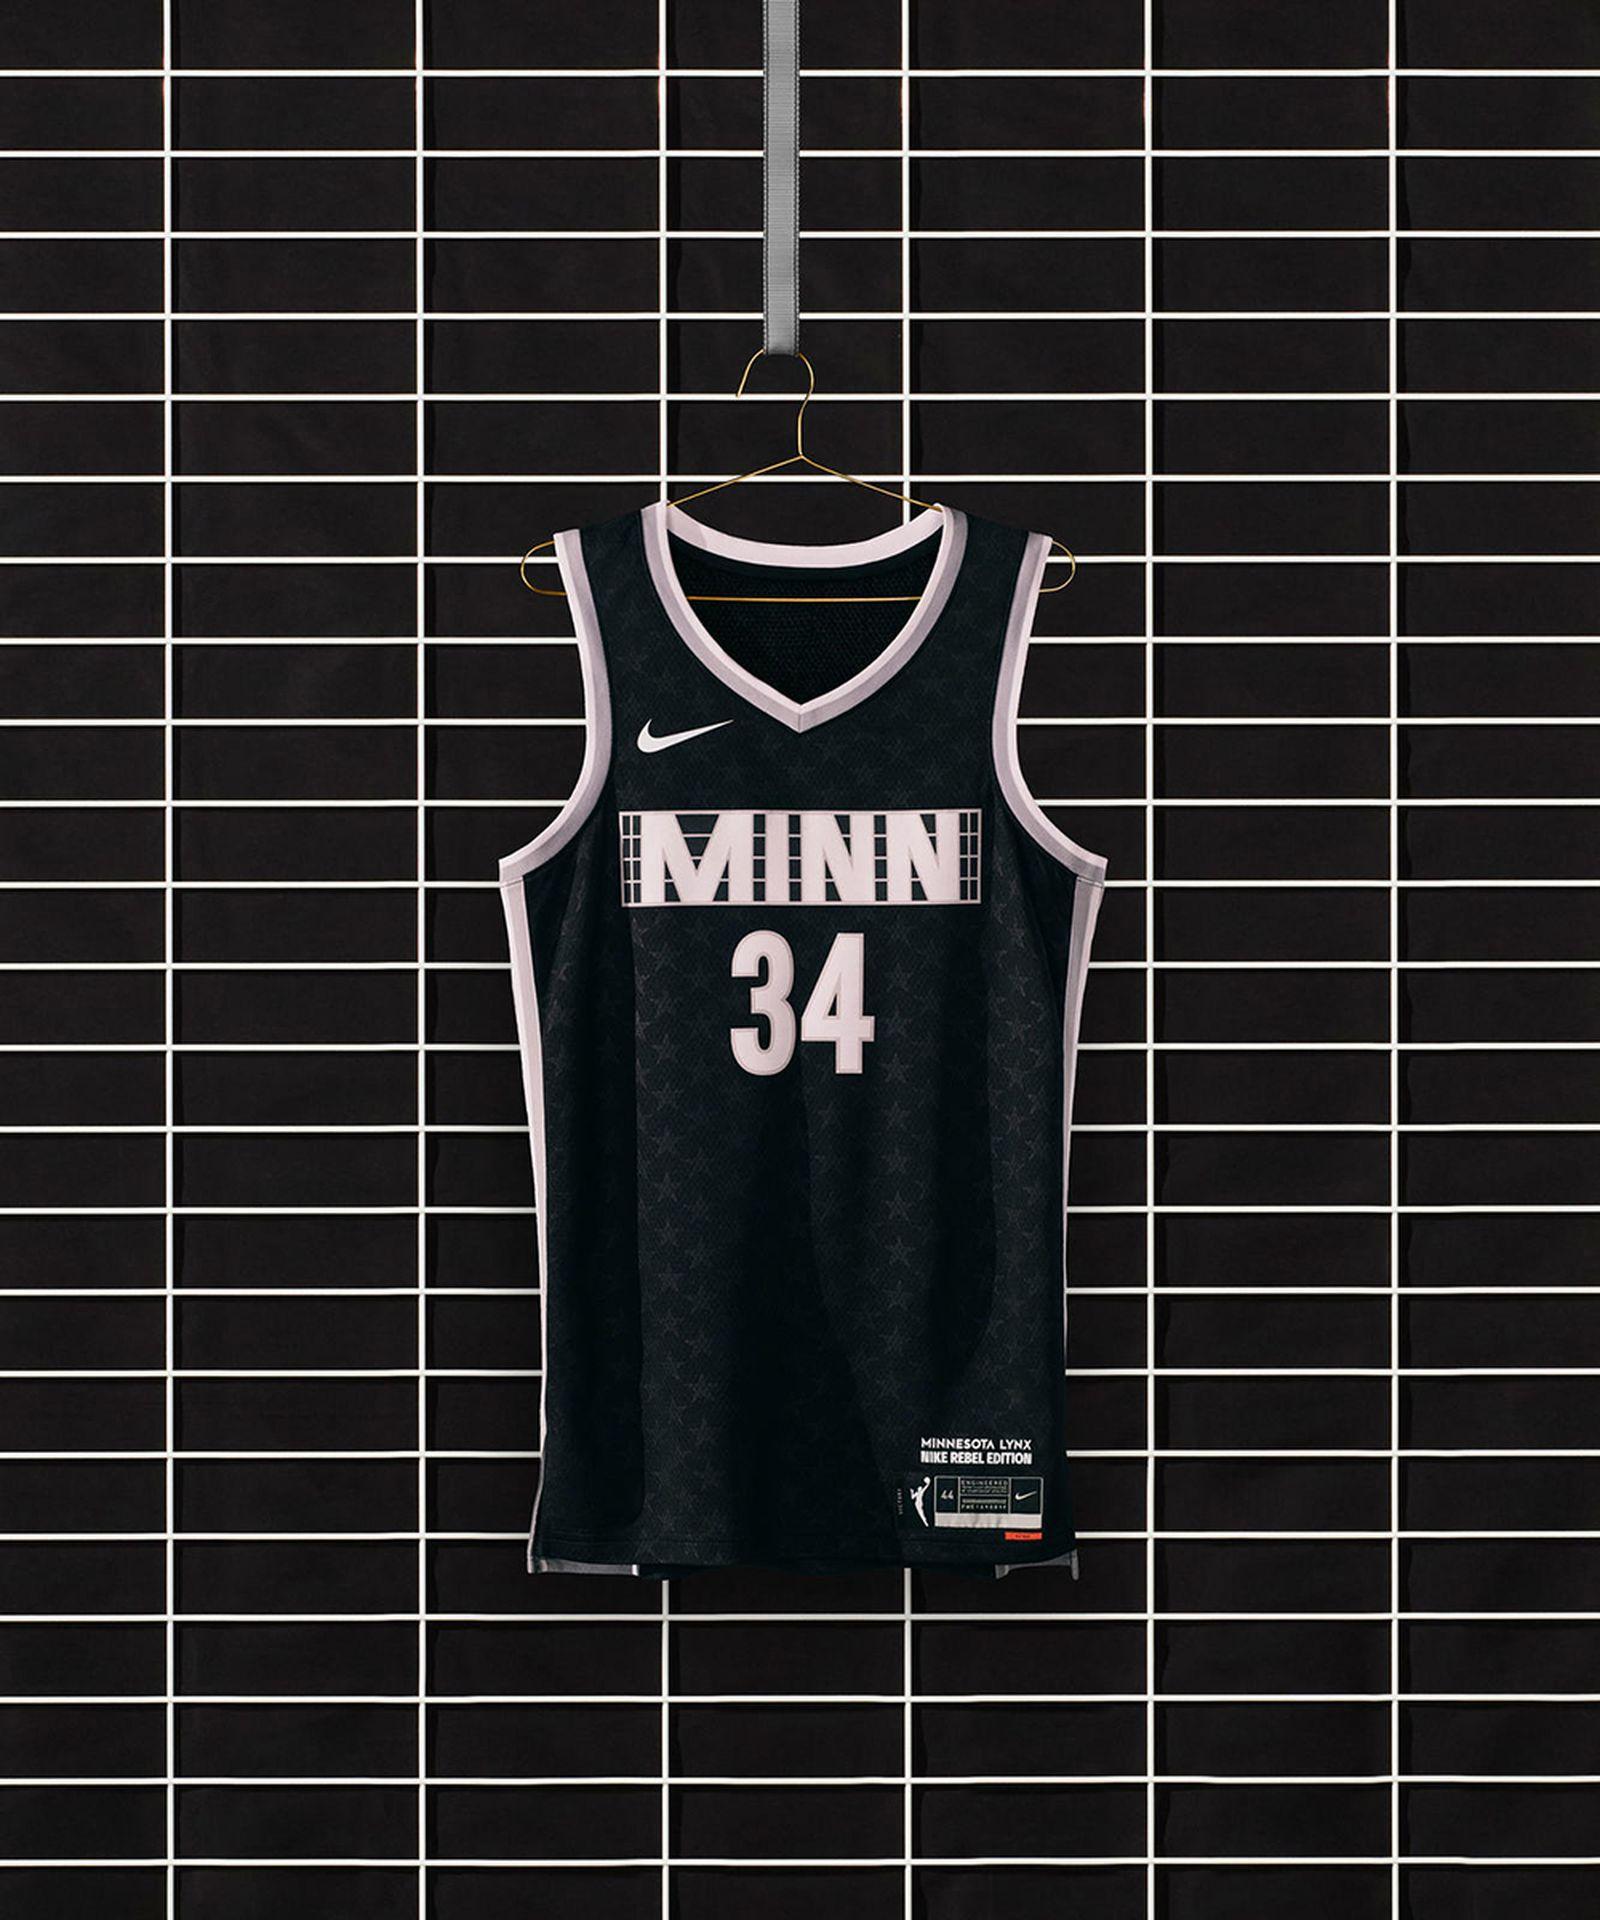 nike-wnba-2021-uniforms-21